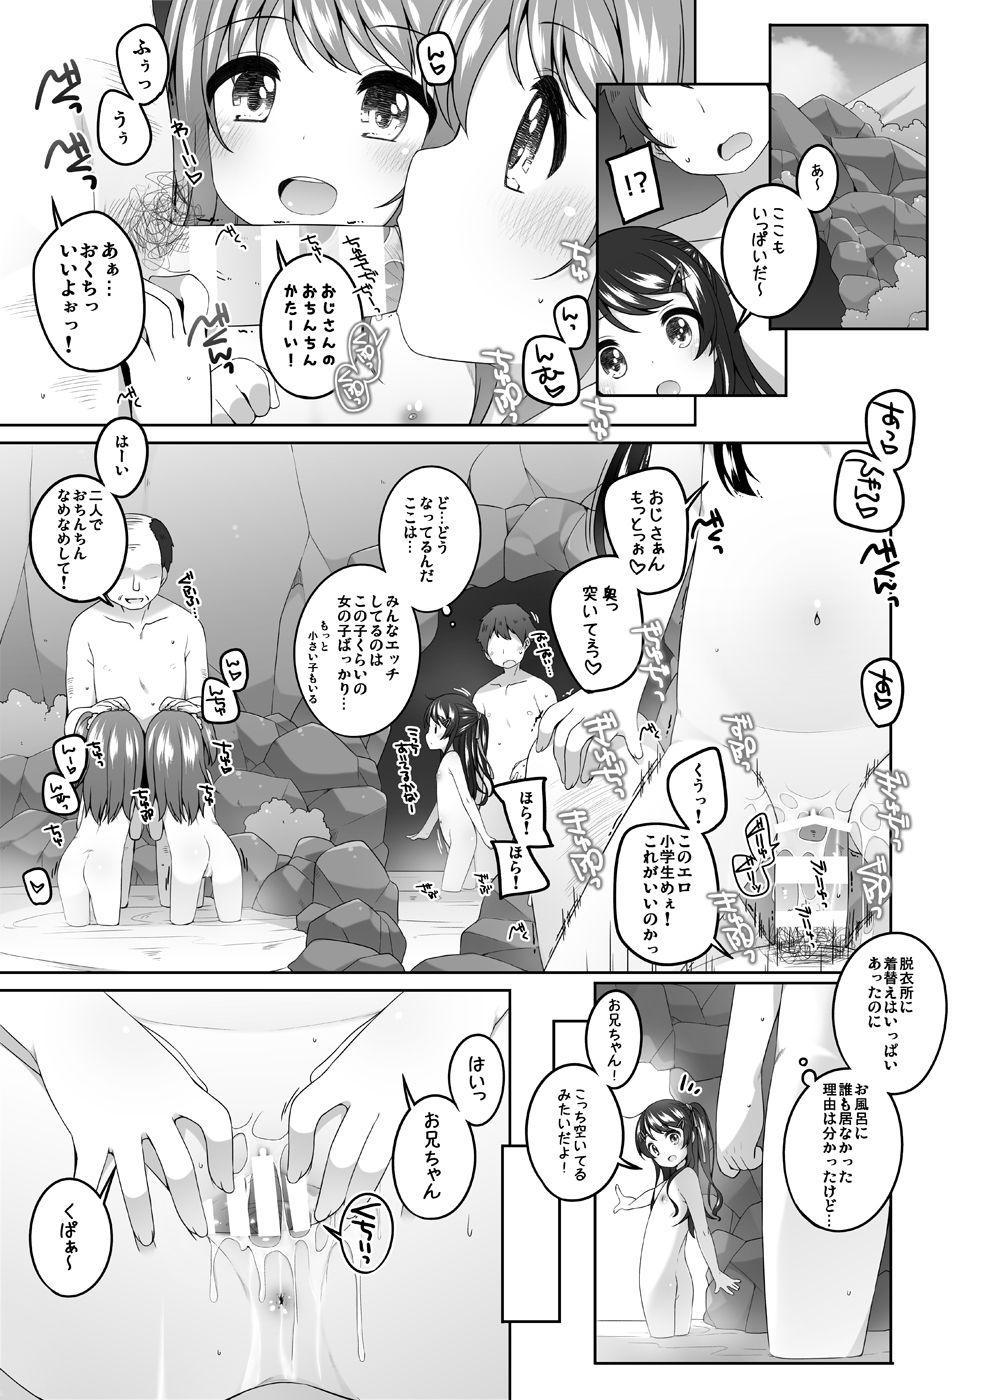 [kuma-puro (Shouji Ayumu)] Kodomo Onsen -Runa-chan no Baai- [Digital] 3